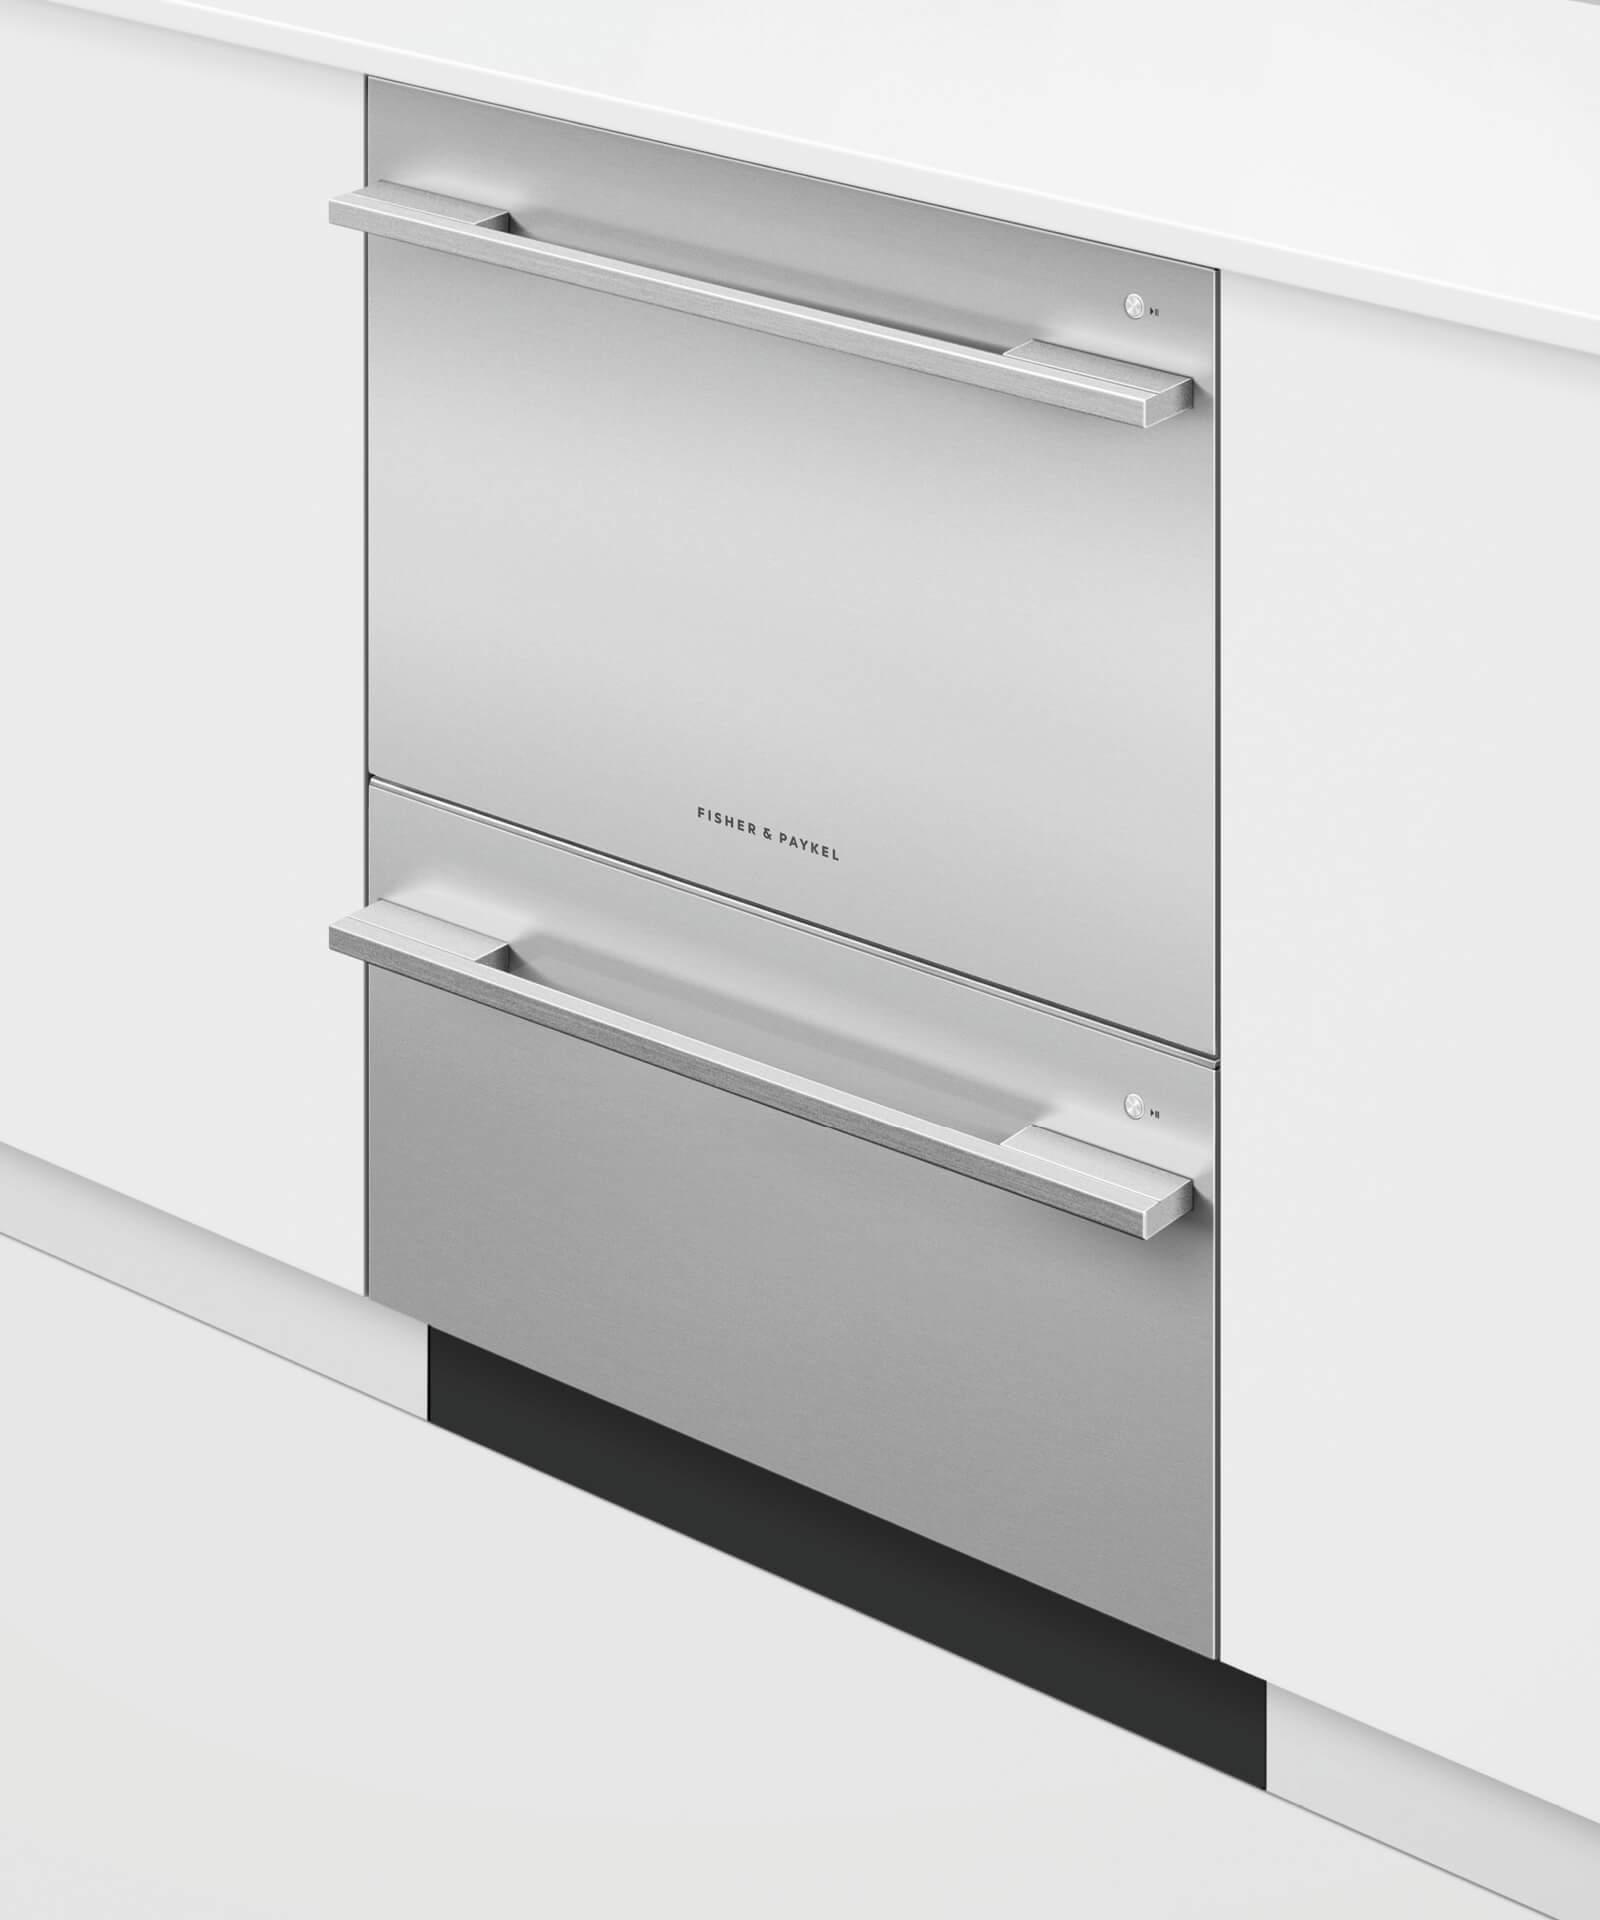 Dd24ddftx9 N Double Tall Dishdrawer Dishwasher With 14